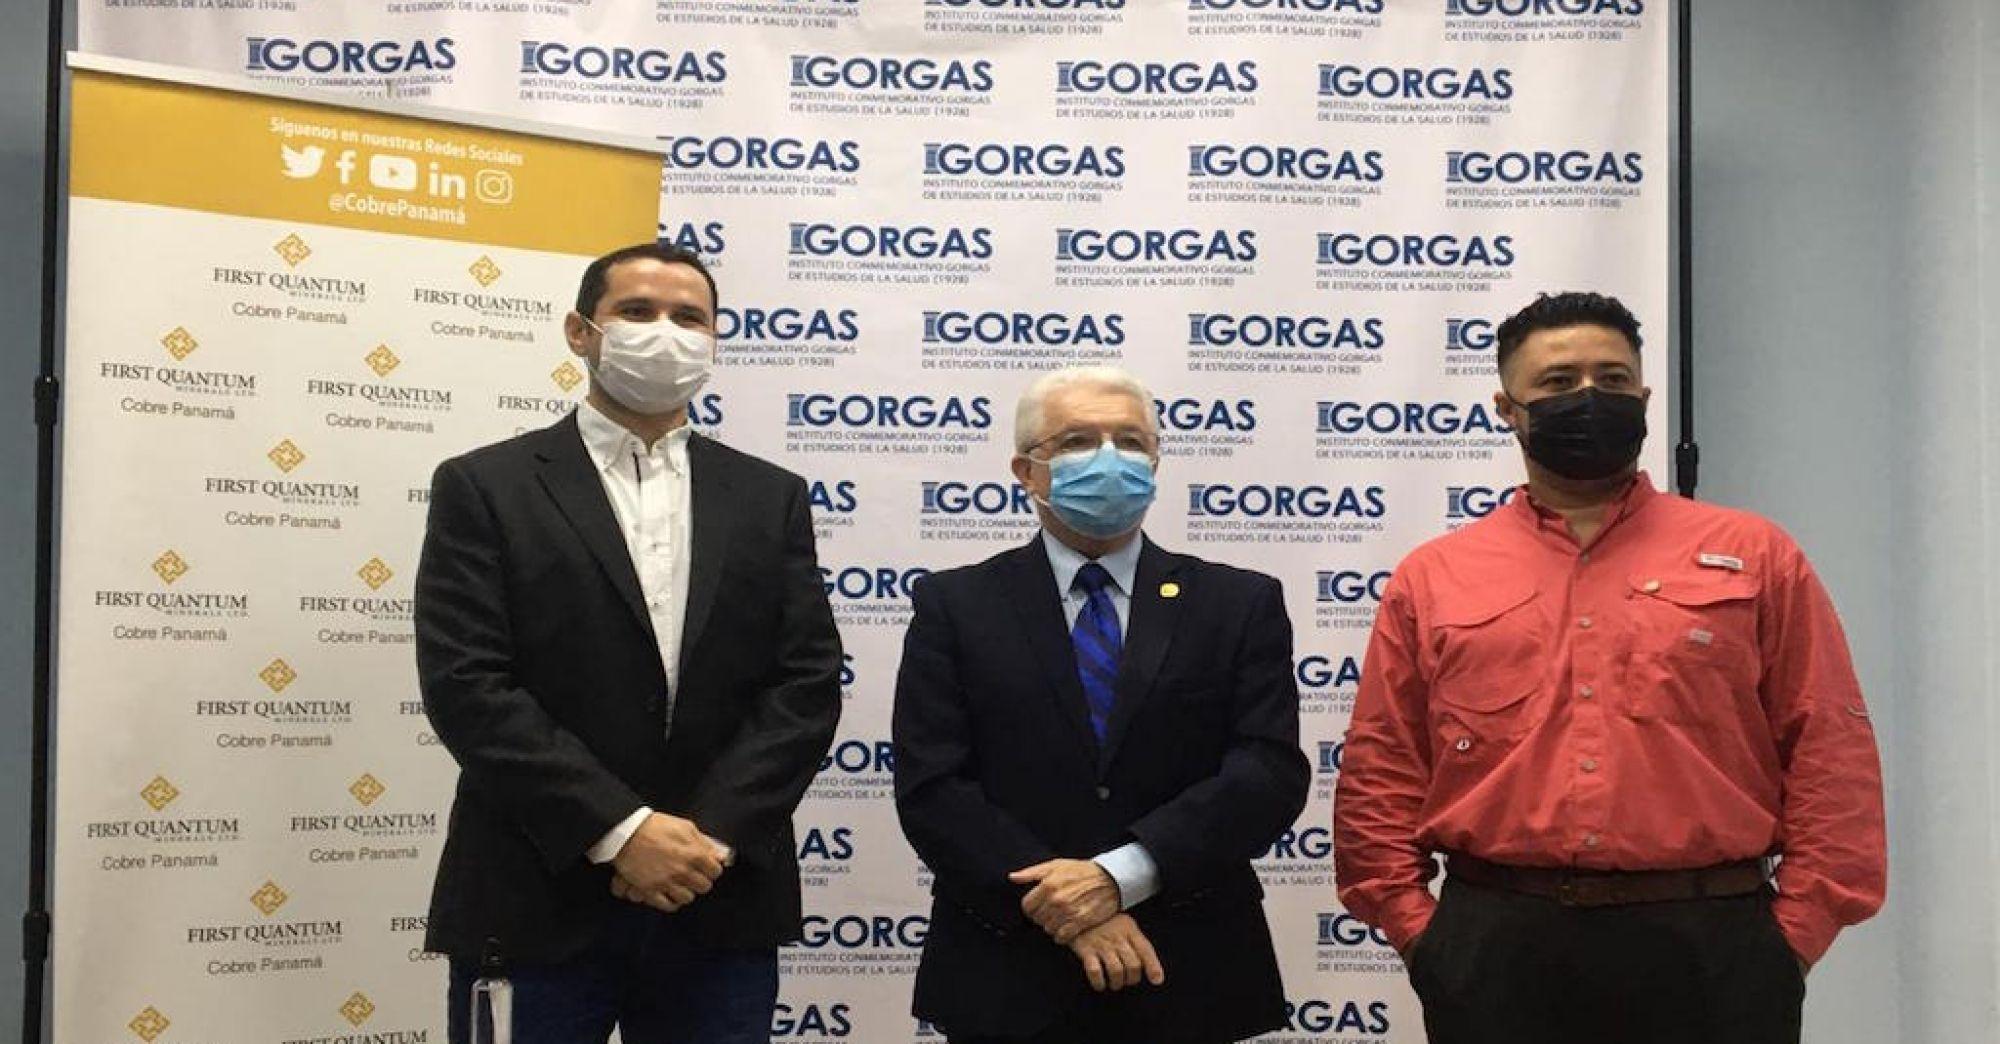 INSTITUTO GORGAS AMPLIARÁ ESTUDIO DE SEROPREVALENCIA CON DONACIÓN DE COBRE PANAMÁ-0